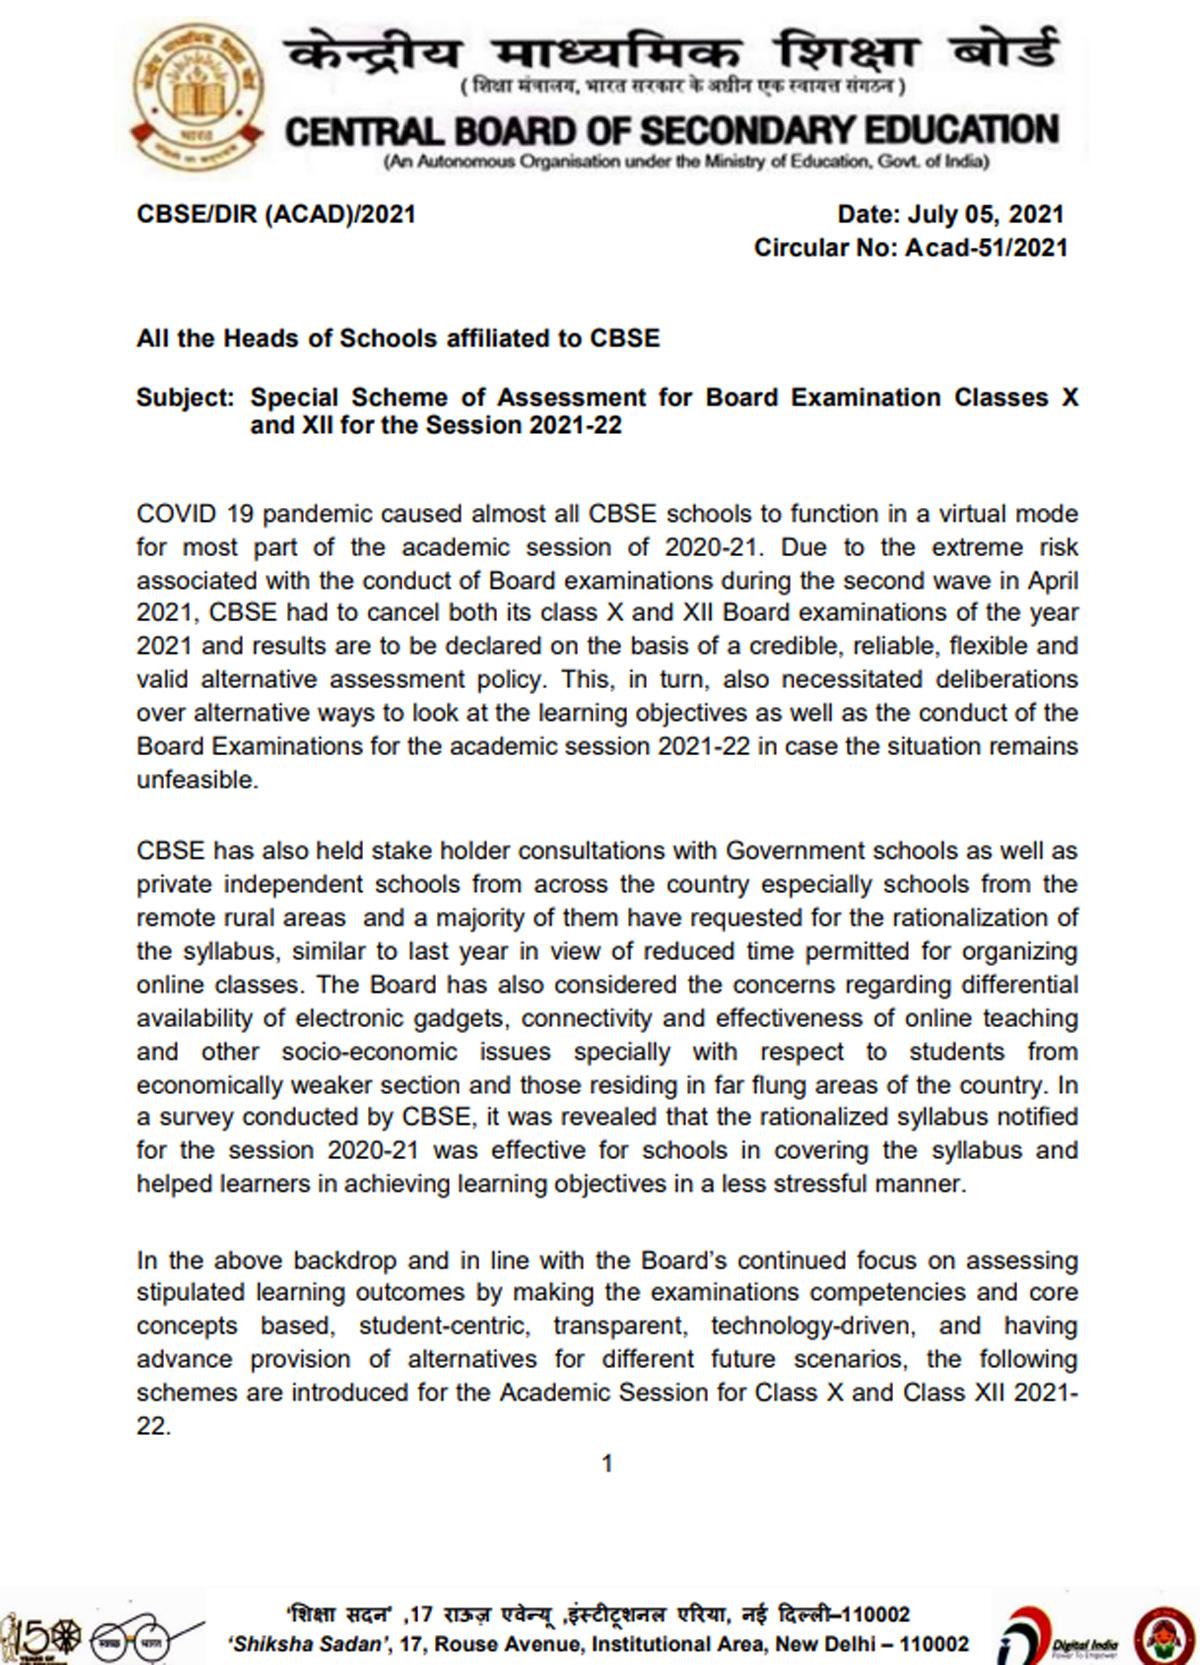 CBSE Assessment scheme